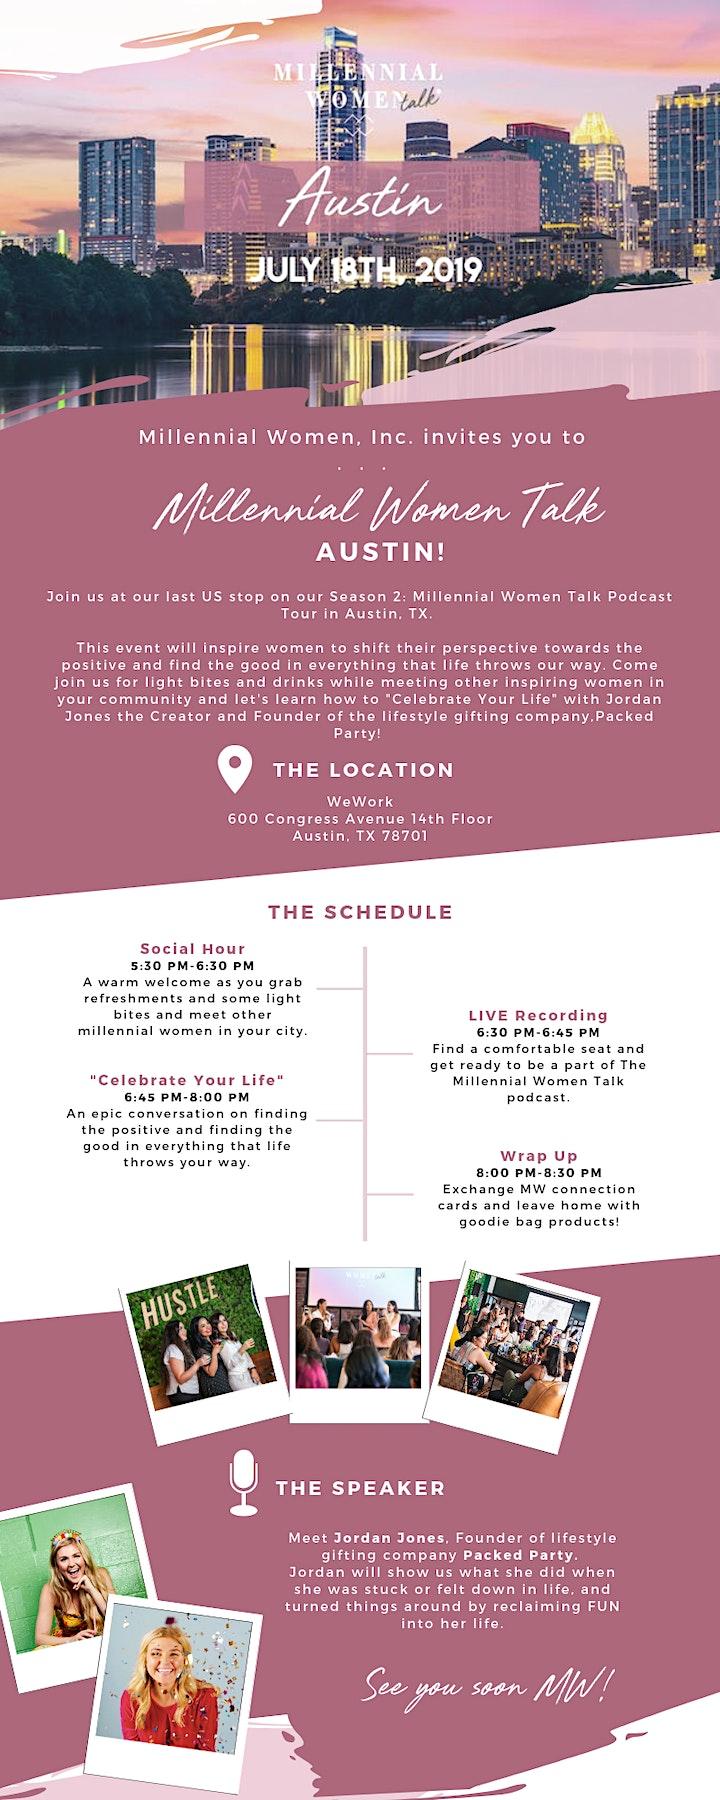 Millennial Women Talk, a LIVE podcast + meet-up in Austin, TX! image